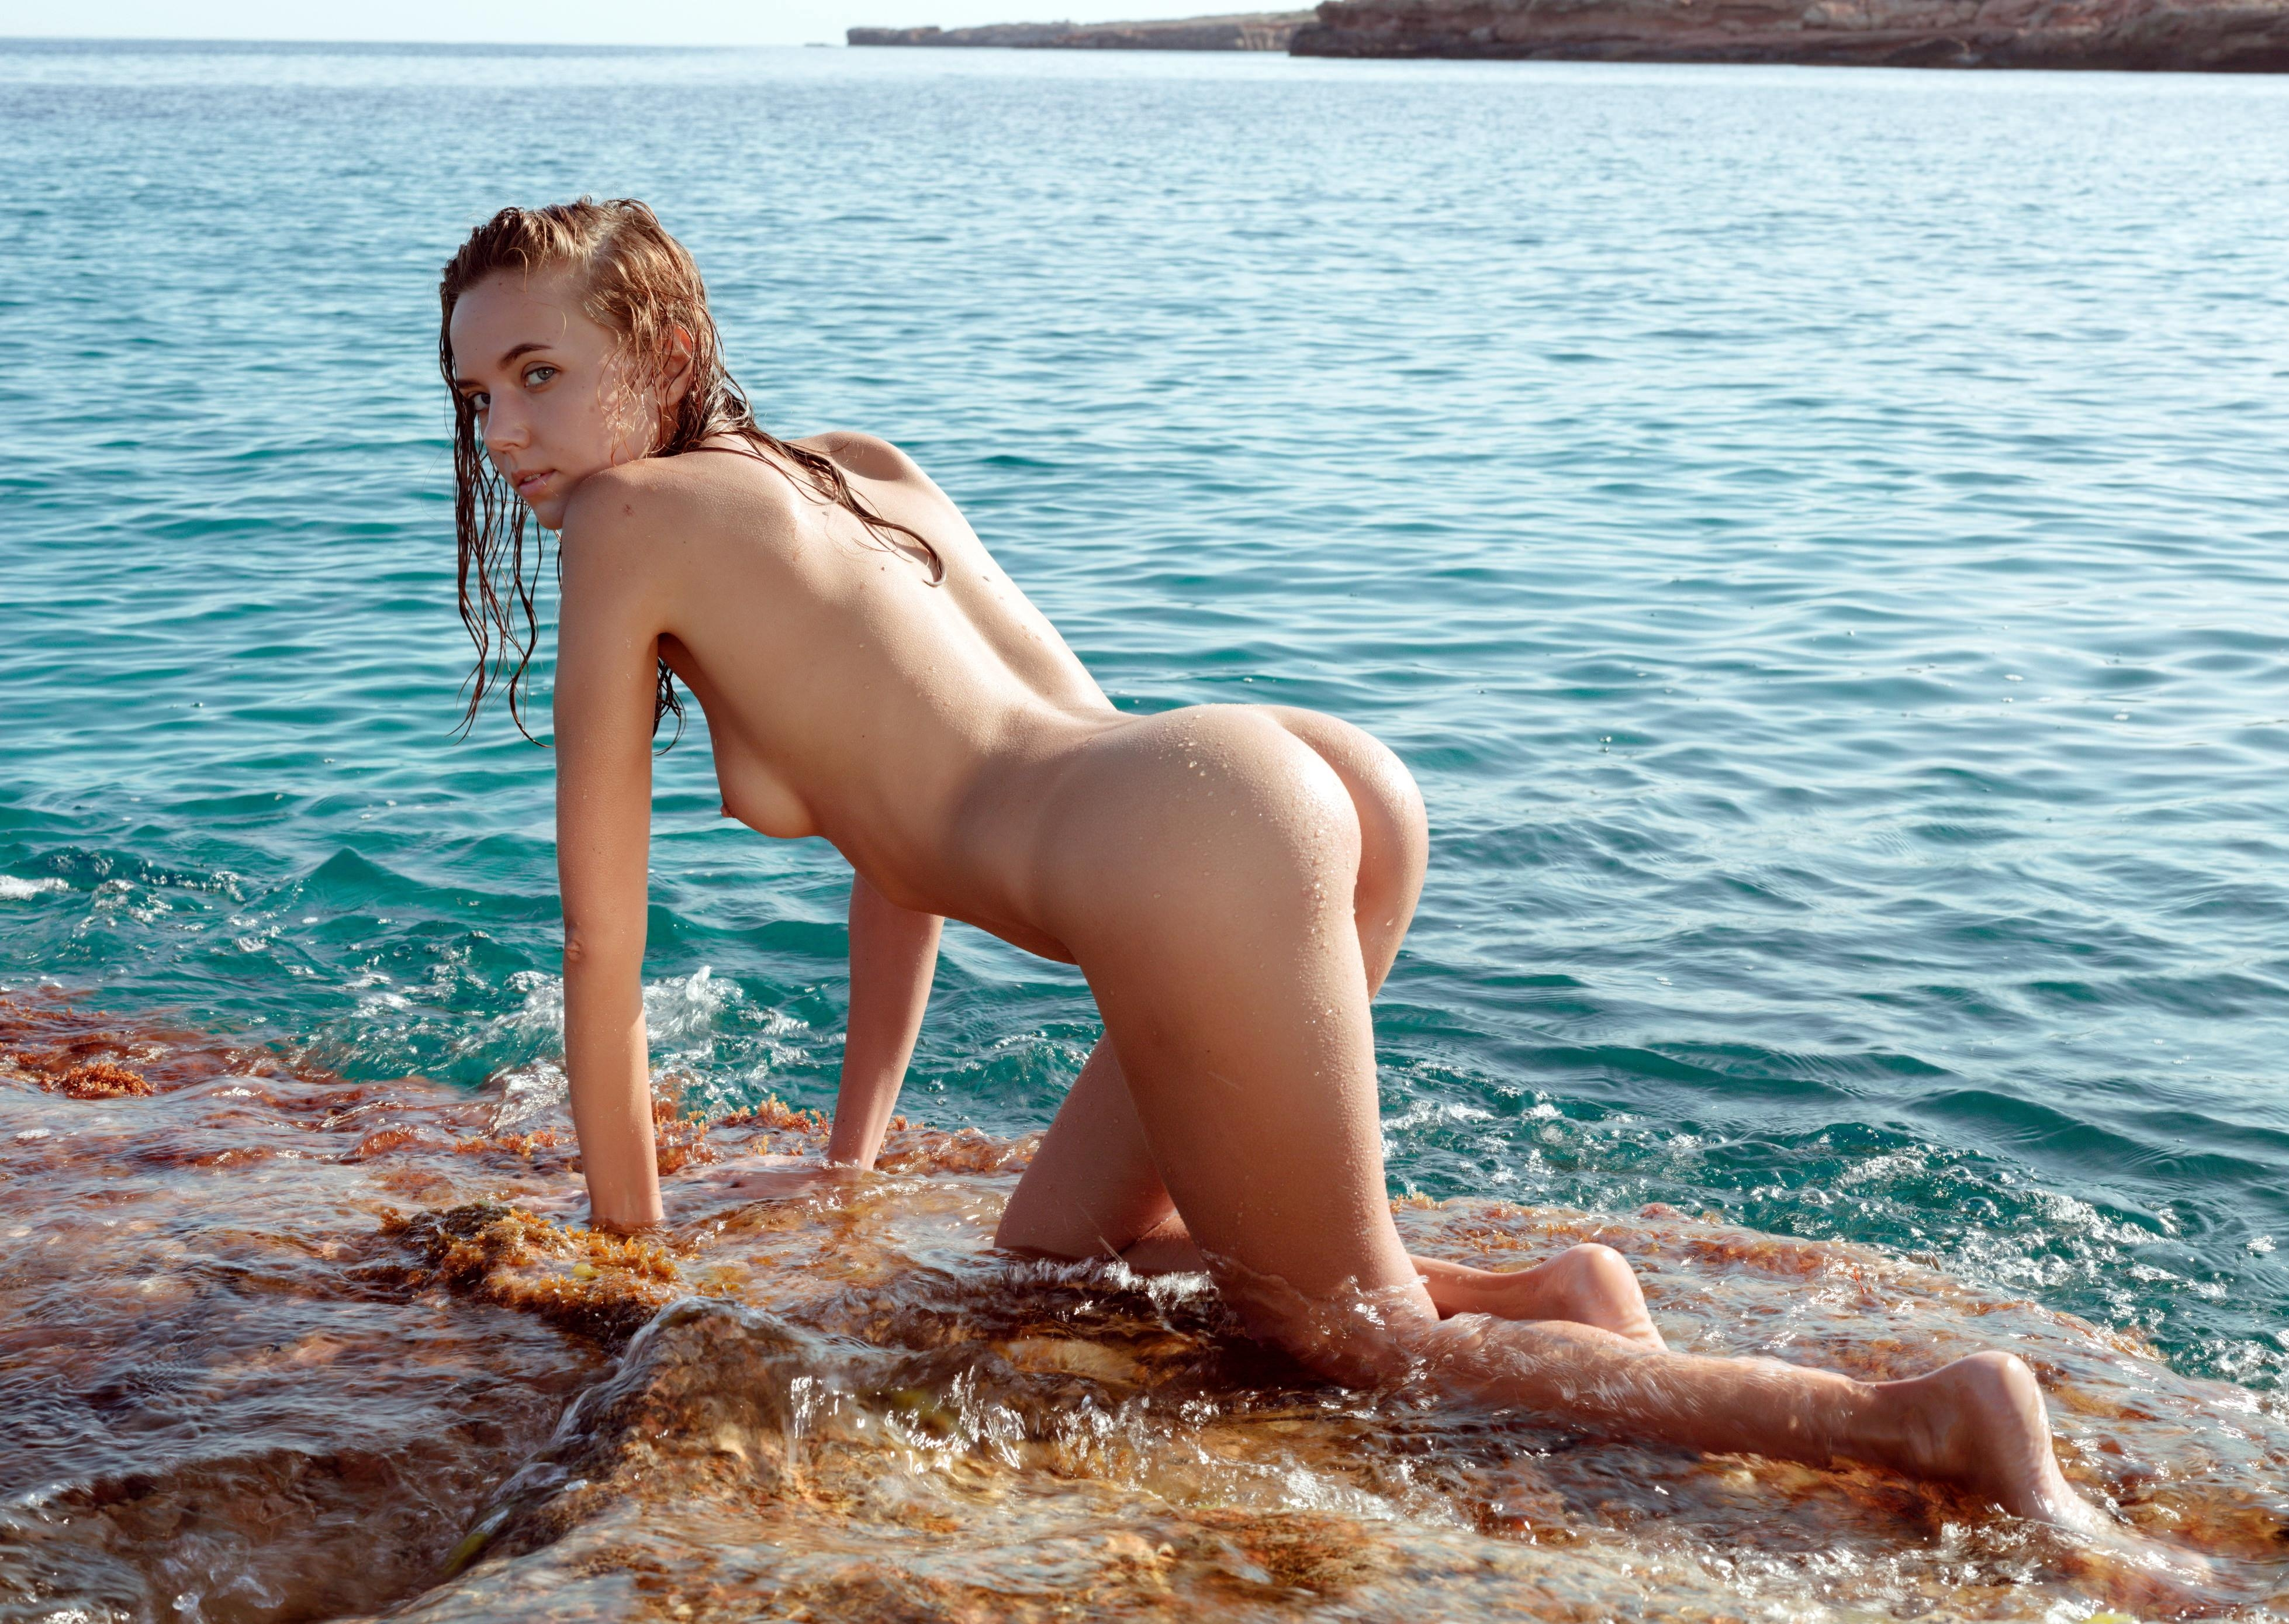 Фото Обнаженная молодая девушка ползет на четвереньках по мокрым камням вдоль берега, мокрая попка, скачать картинку бесплатно